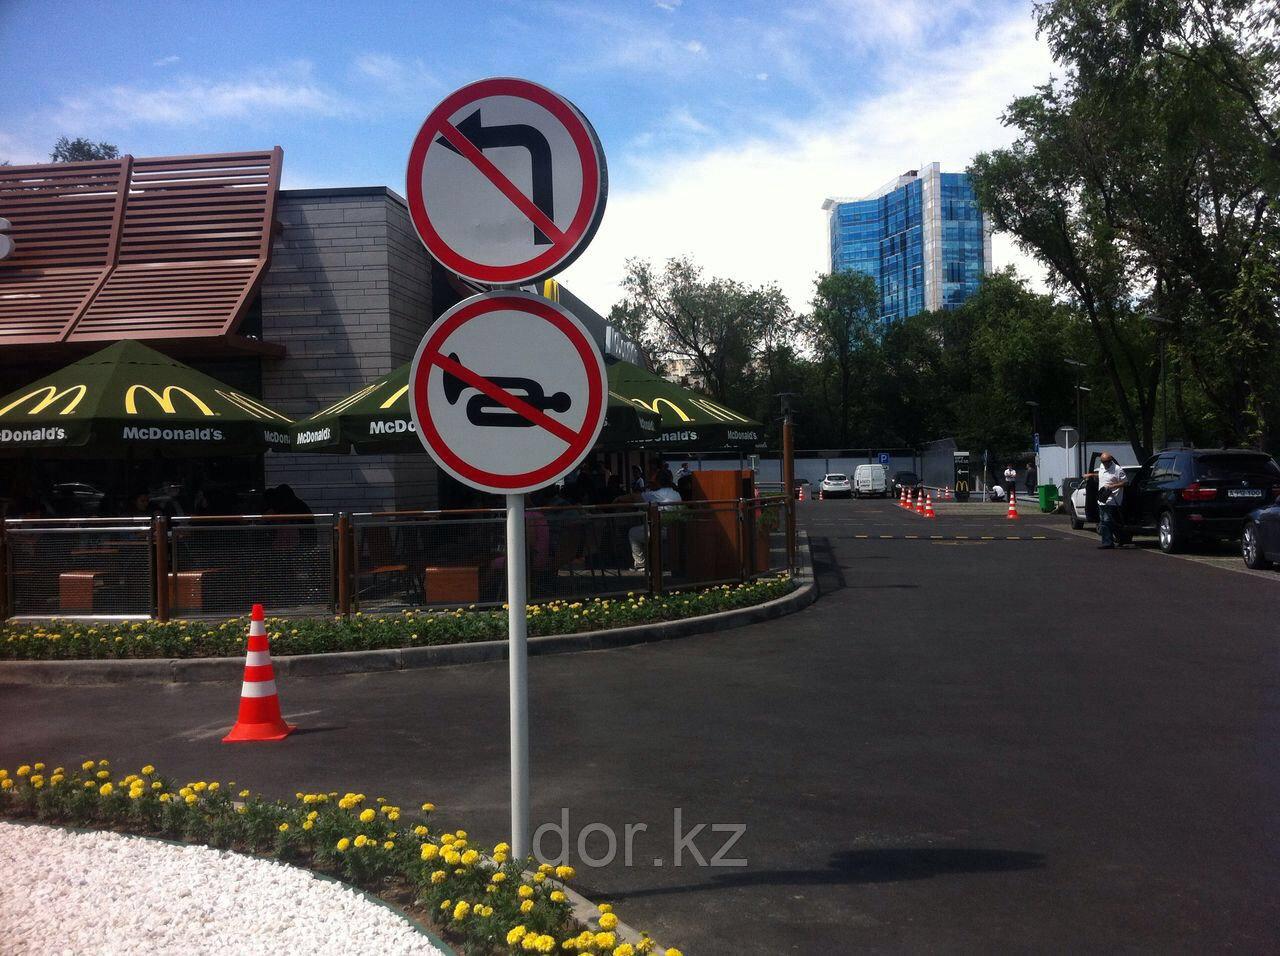 Установка дорожных знаков в Алматы